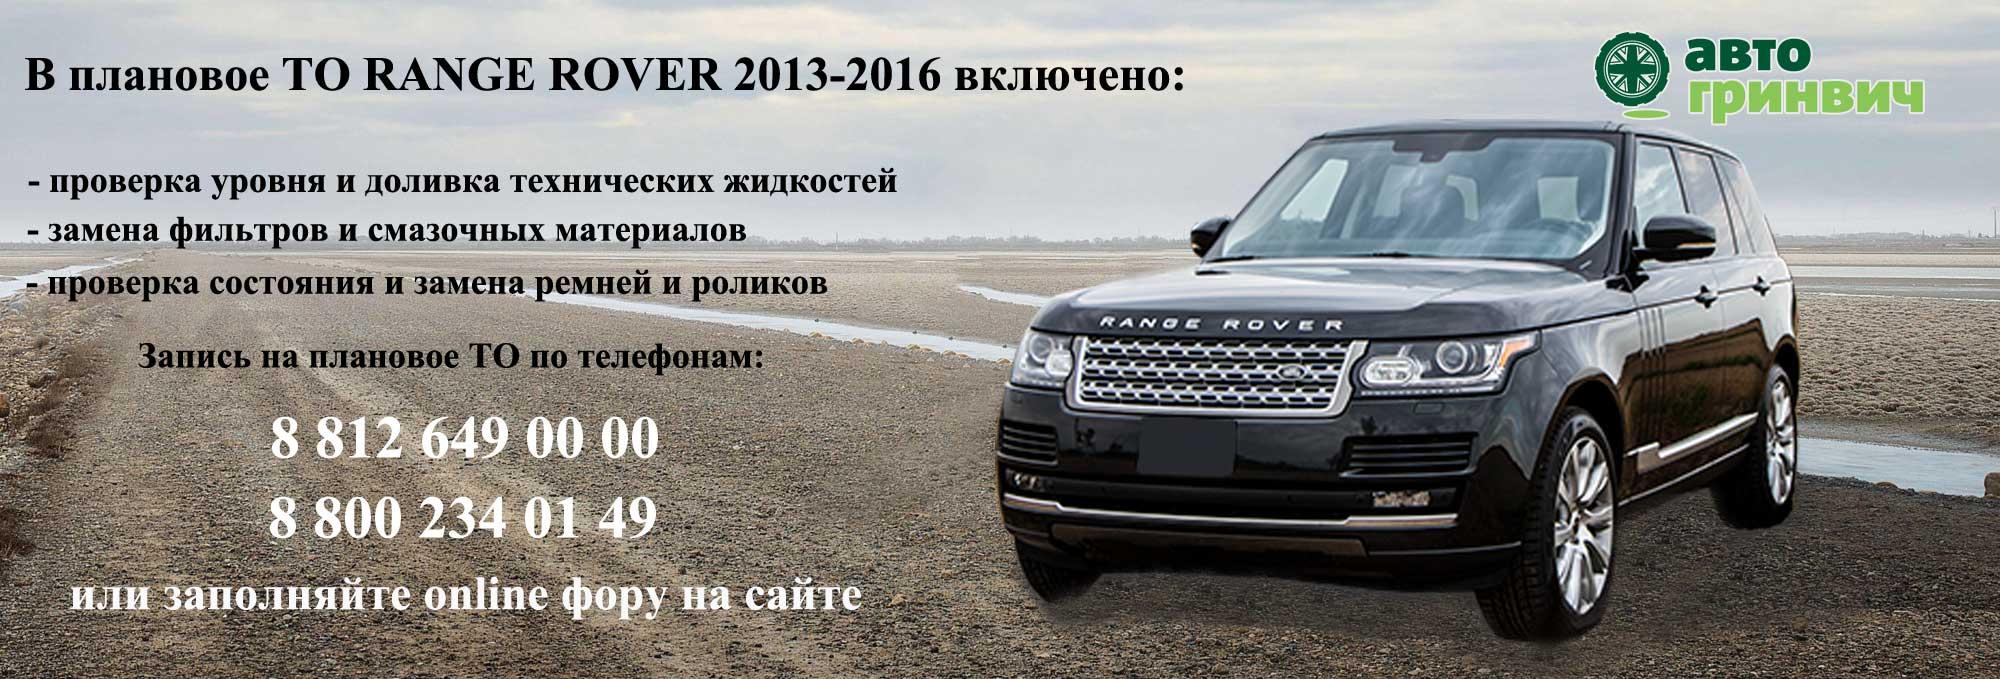 Техническое обслуживание Range Rover 2013-2016